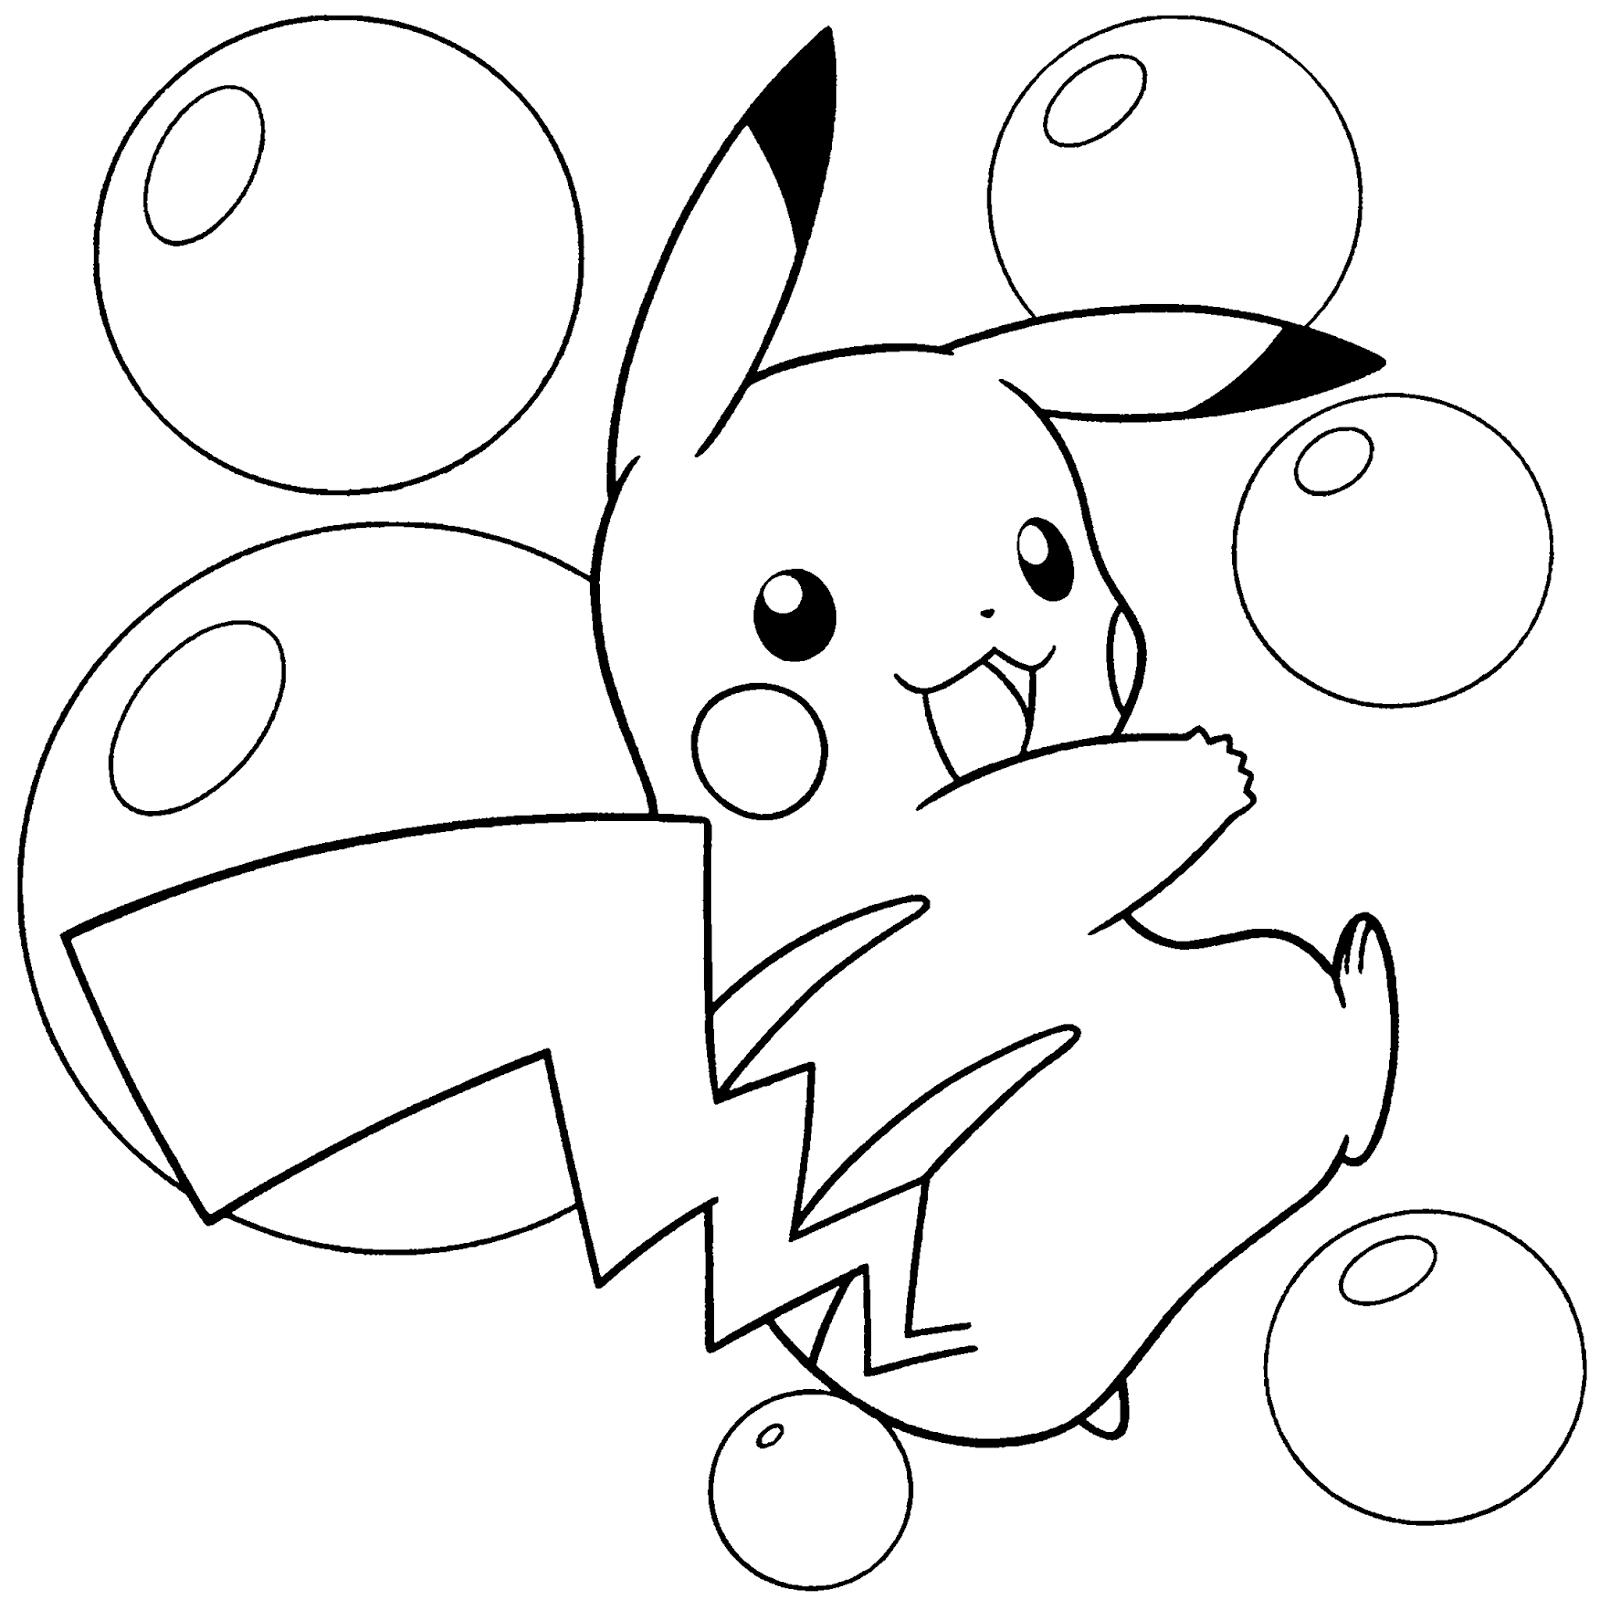 pokemon printable colouring pages pokemon coloring pages for kids pokemon pages printable colouring